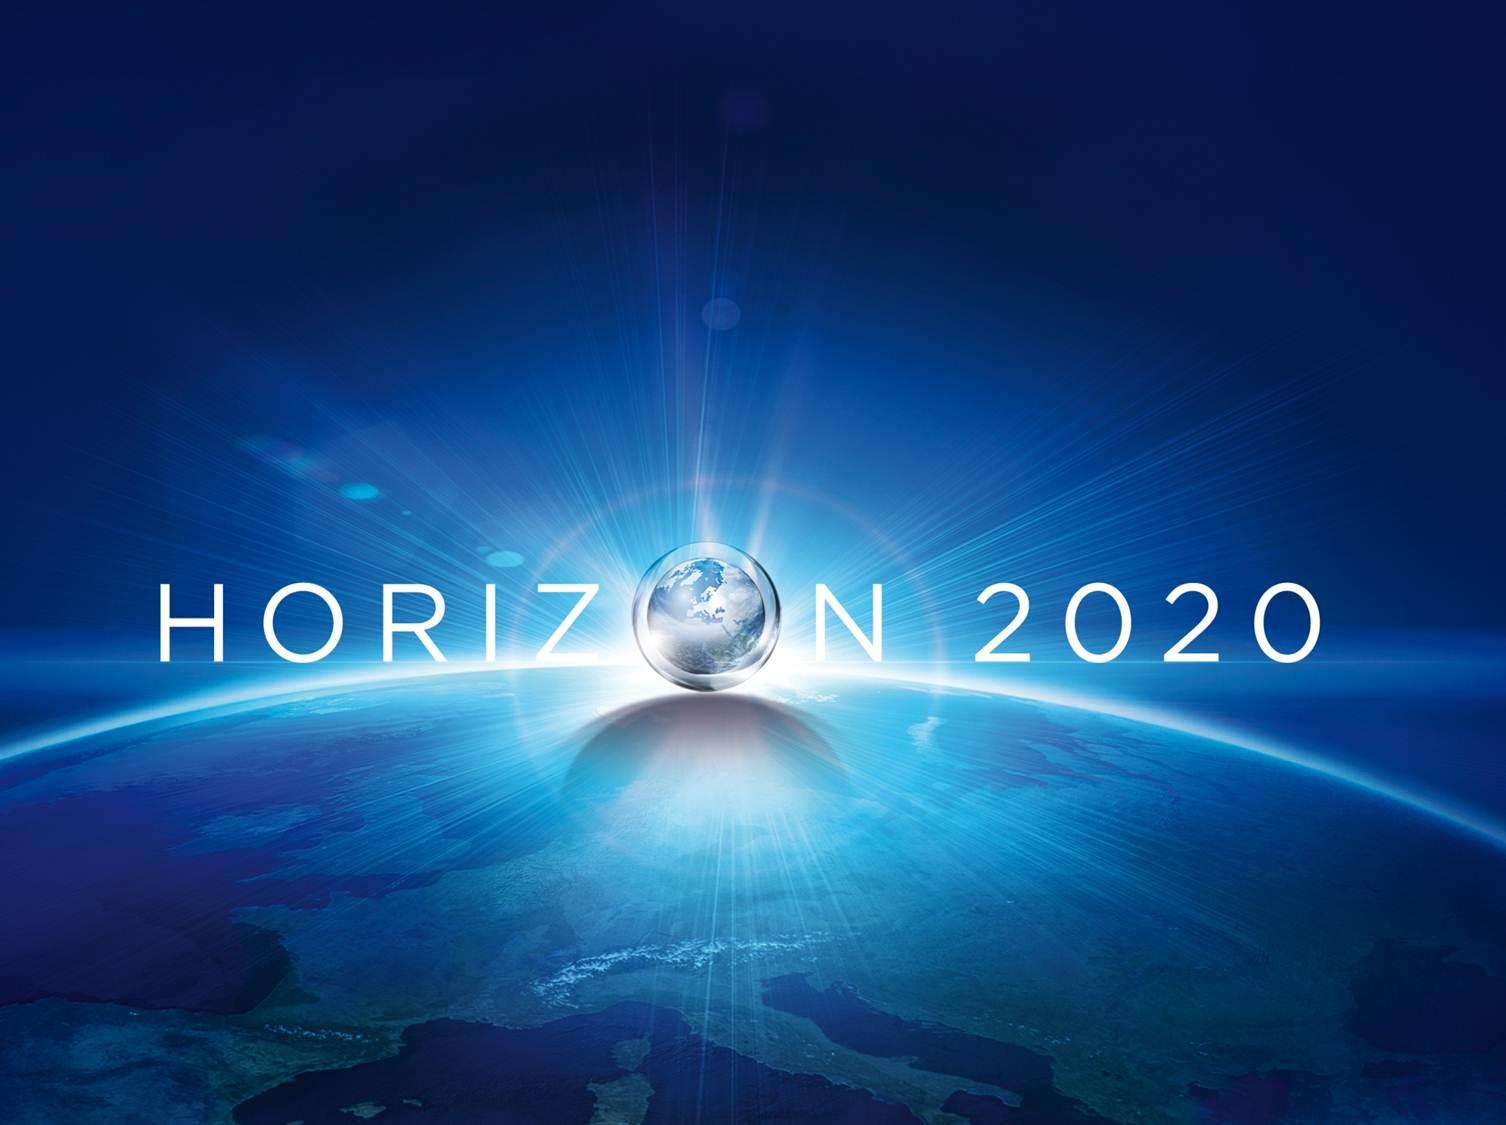 Horizon 2020 sostiene le imprese italiane più innovative